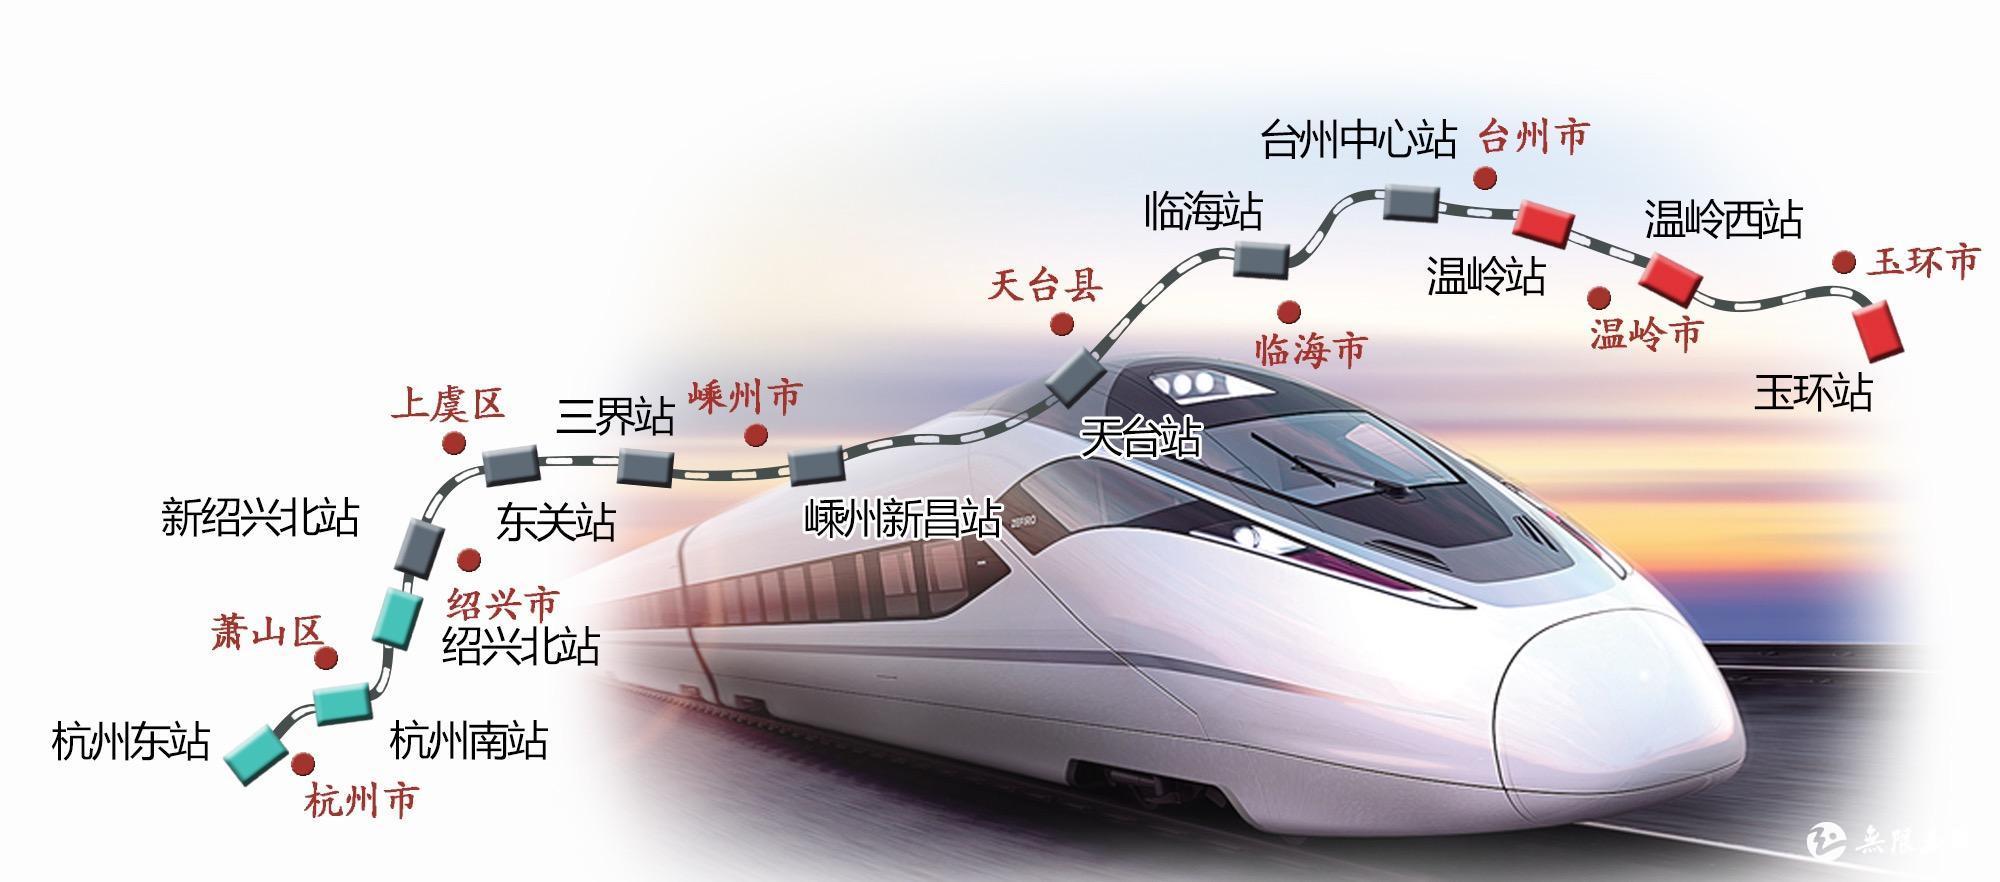 杭绍台高铁温岭至明升段PPP项目成功纳入全国PPP管理库